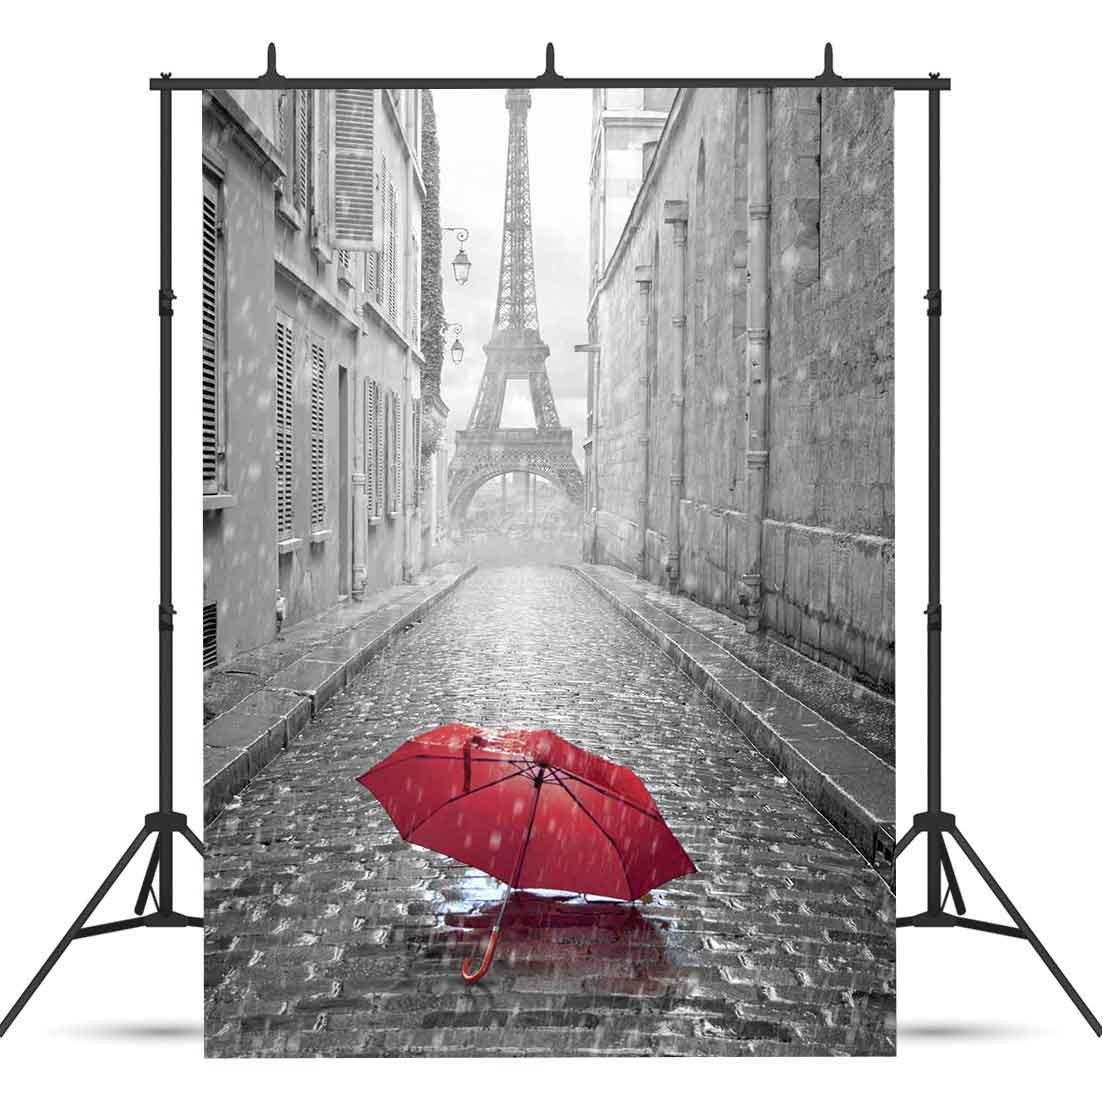 VVM 5x7フィート 街の景色 背景幕 雨 アリーの背景 写真用 エッフェル塔 背景幕 YouTube背景 VV1484   B07D1K1GSH